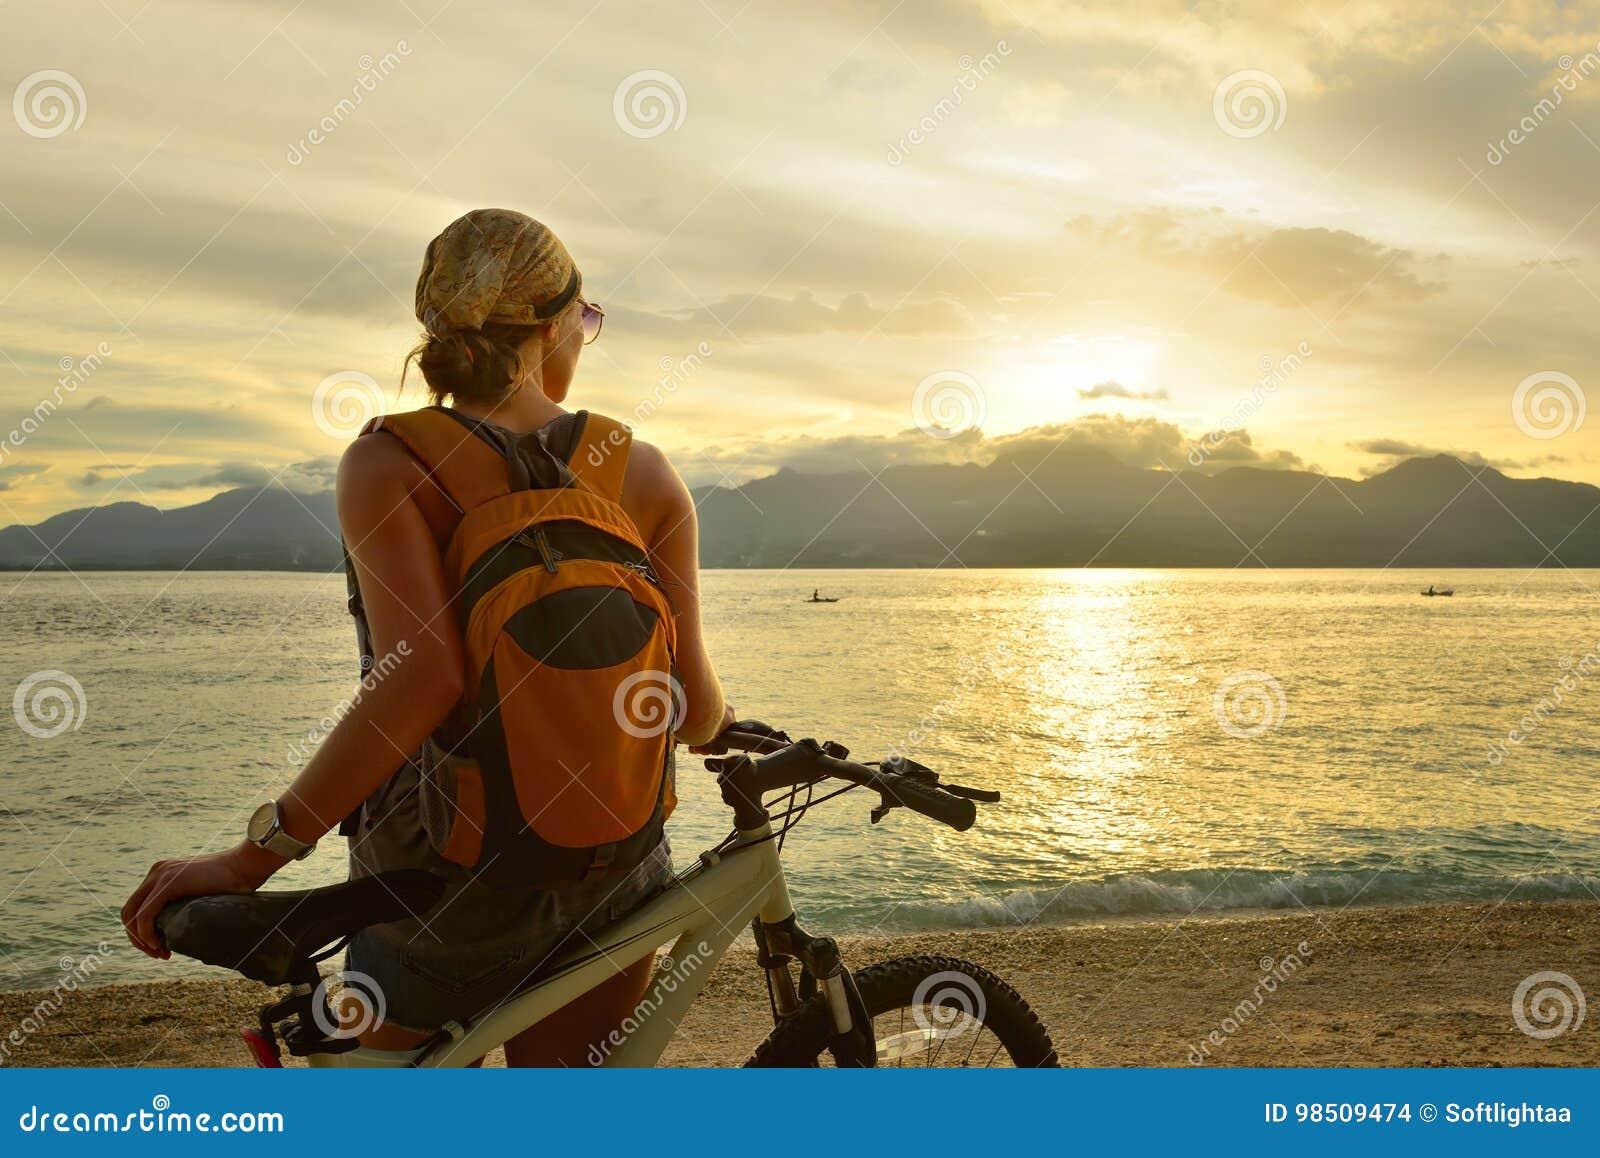 Frau reist mit einem Rucksack auf ihrem Fahrrad